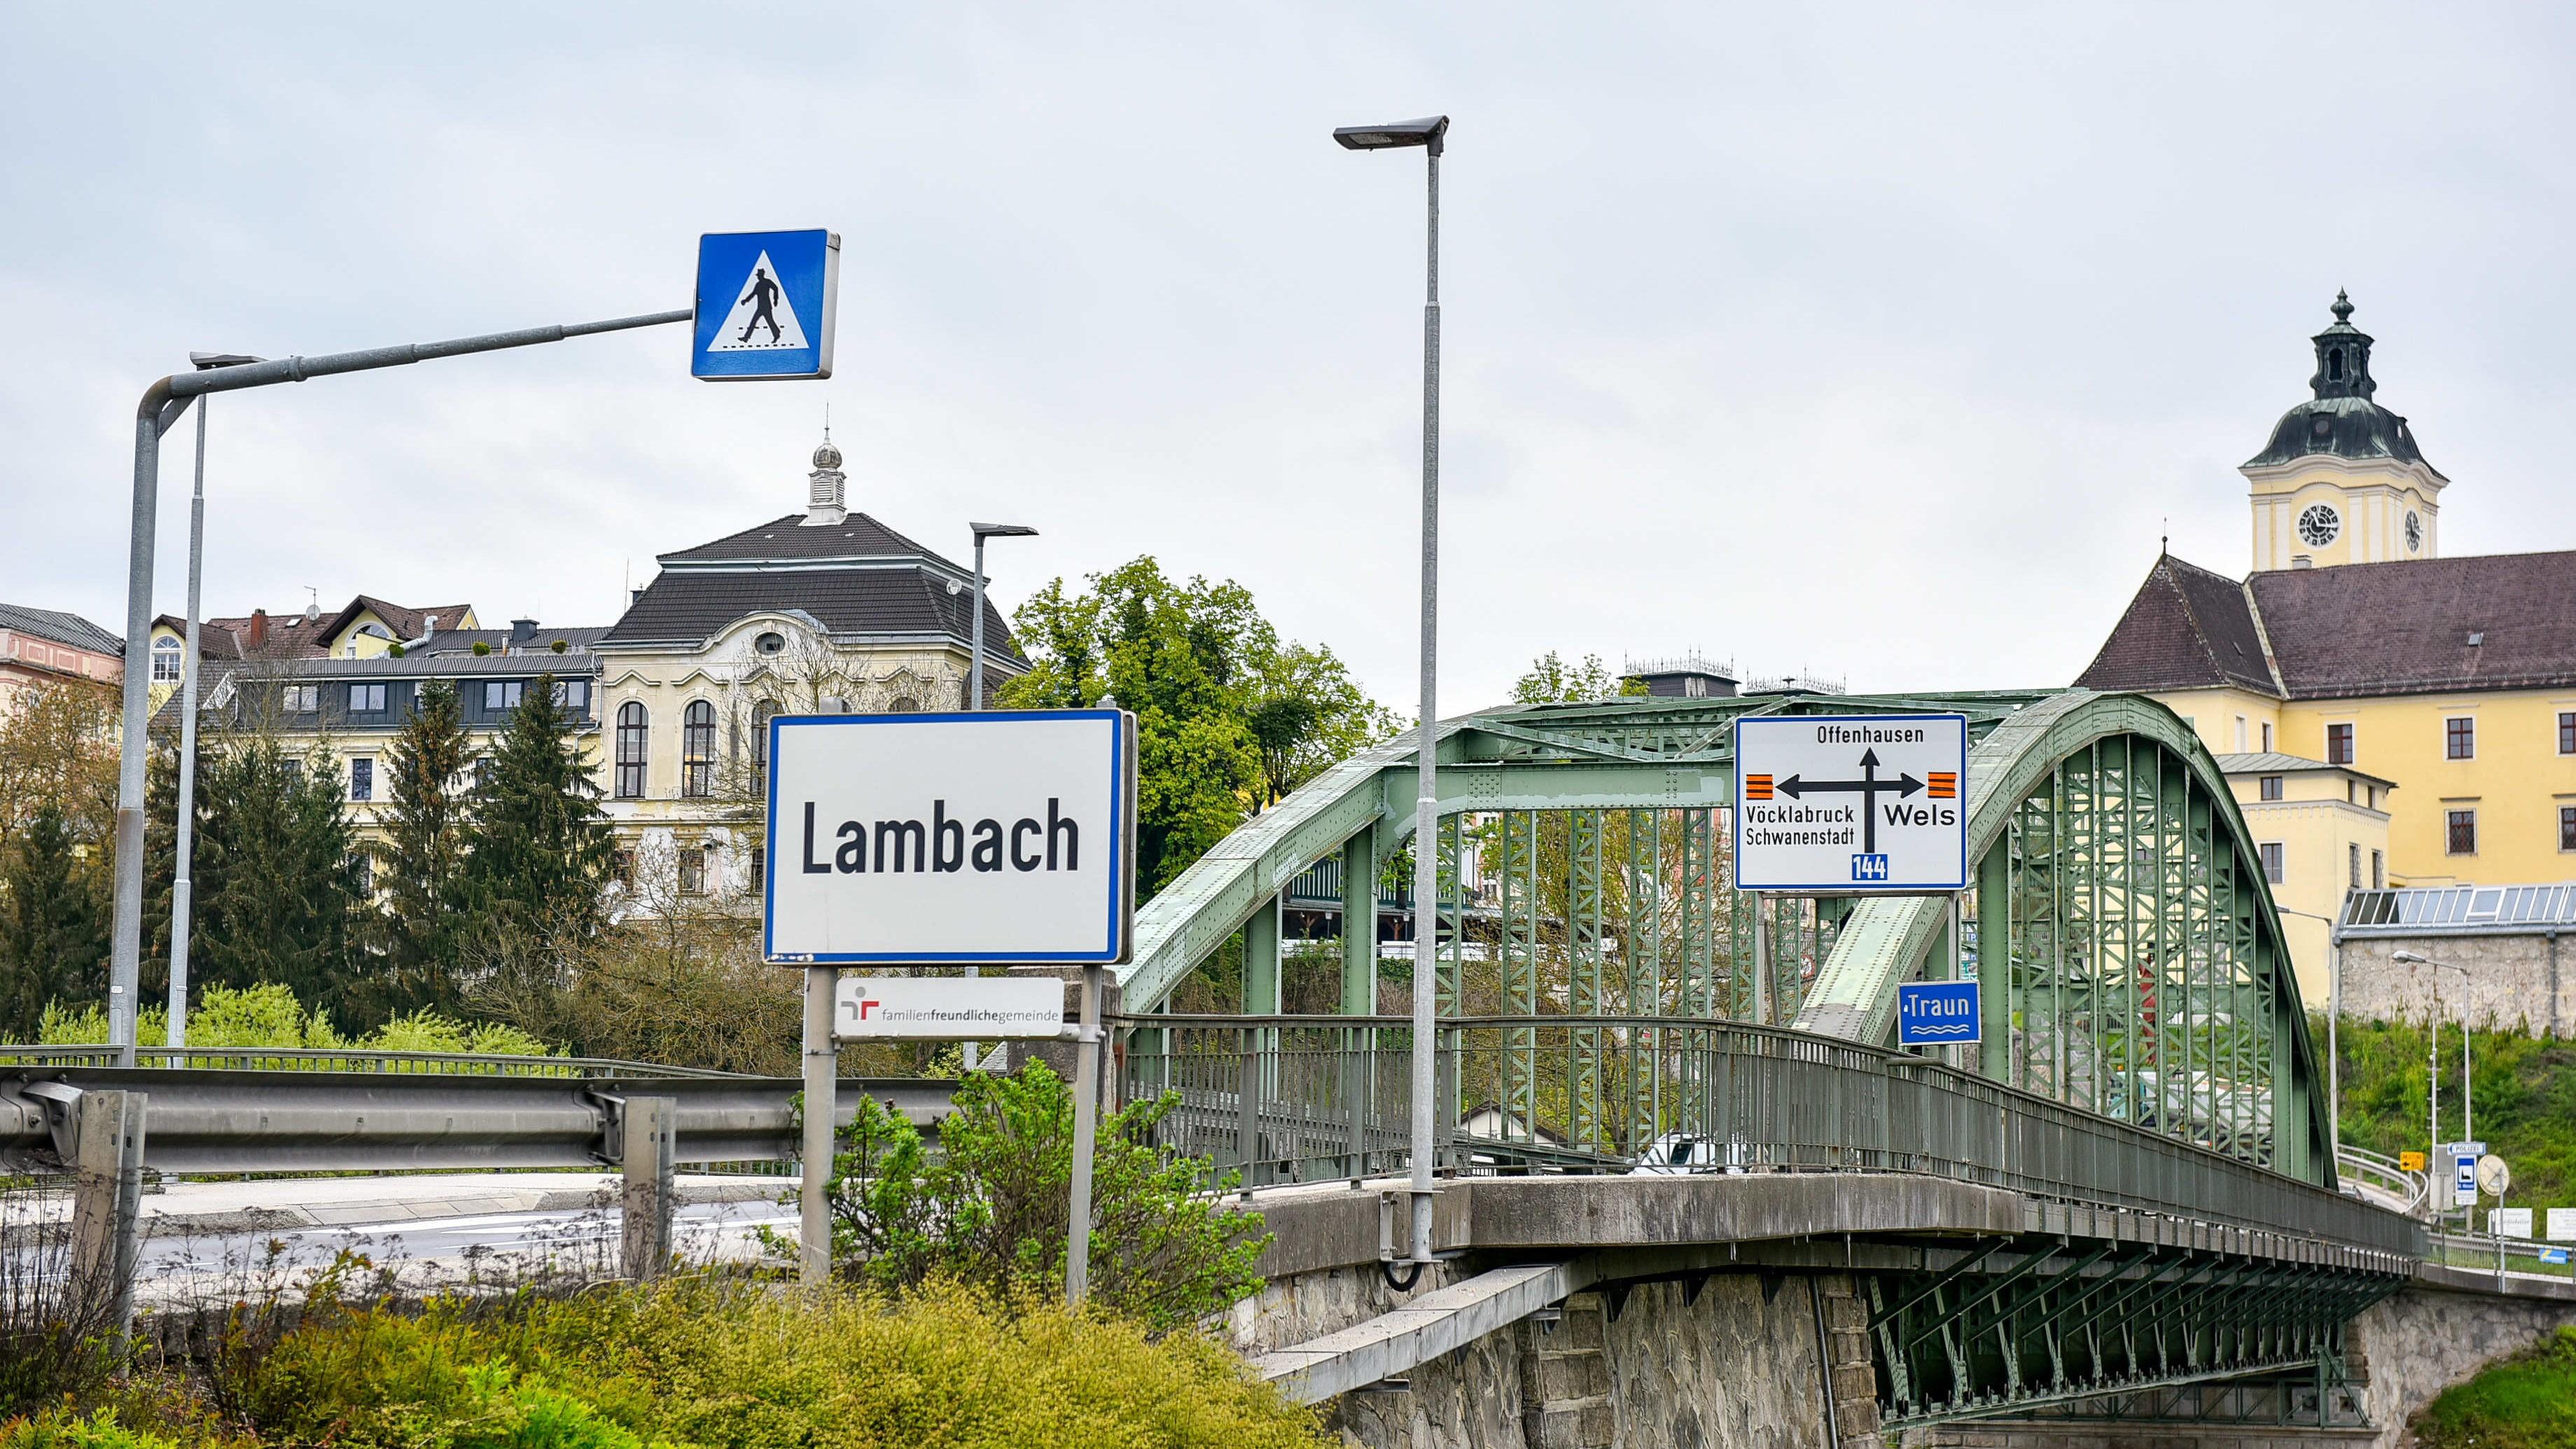 RG Lambach - Thema auf fyglia.com